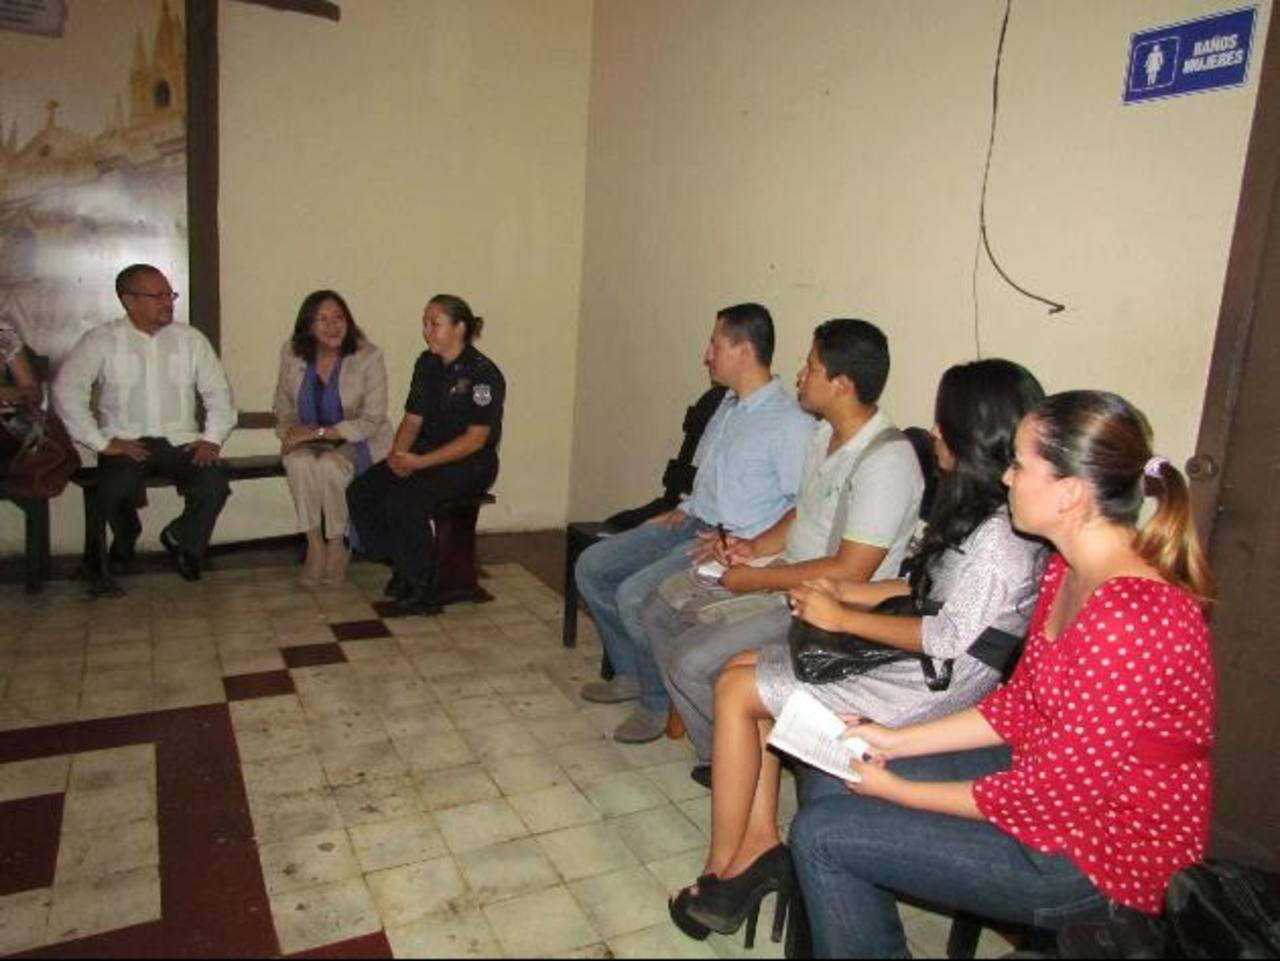 La filial occidental de la APES fue fundada hace cuatro meses y las jornadas formativas son las primeras actividades que realizan en Santa Ana. Foto EDH /mauricio guevara